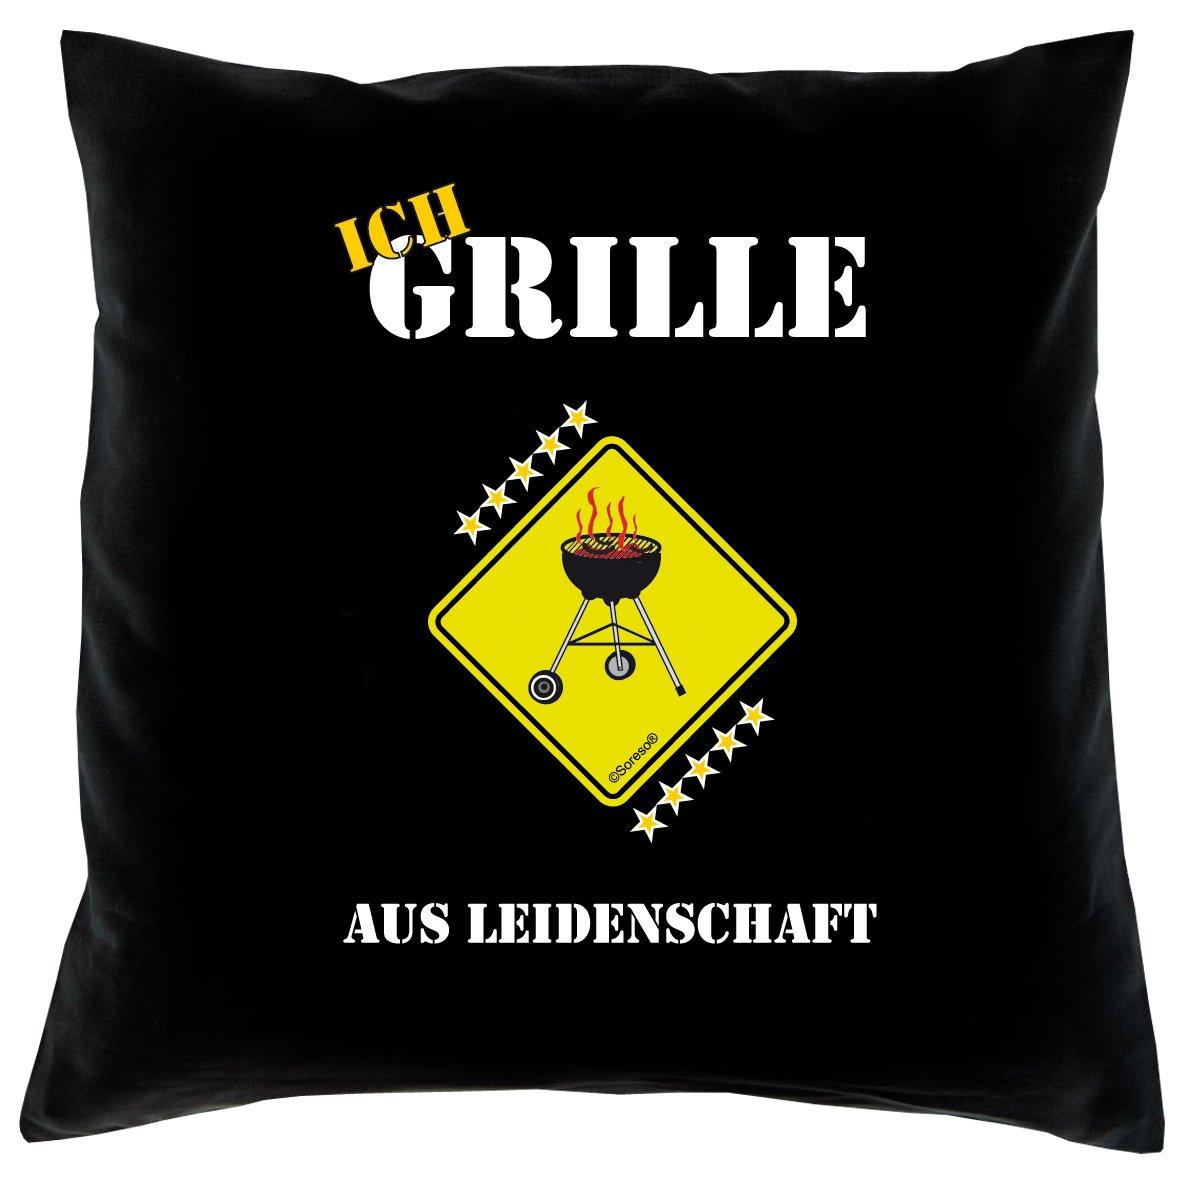 Grill, Griller Kissen, Dekokissen, Sitzkissen, Motiv: Ich Grille! Farbe: Schwarz, Couchkissen, Dekokissen komplett mit Füllung